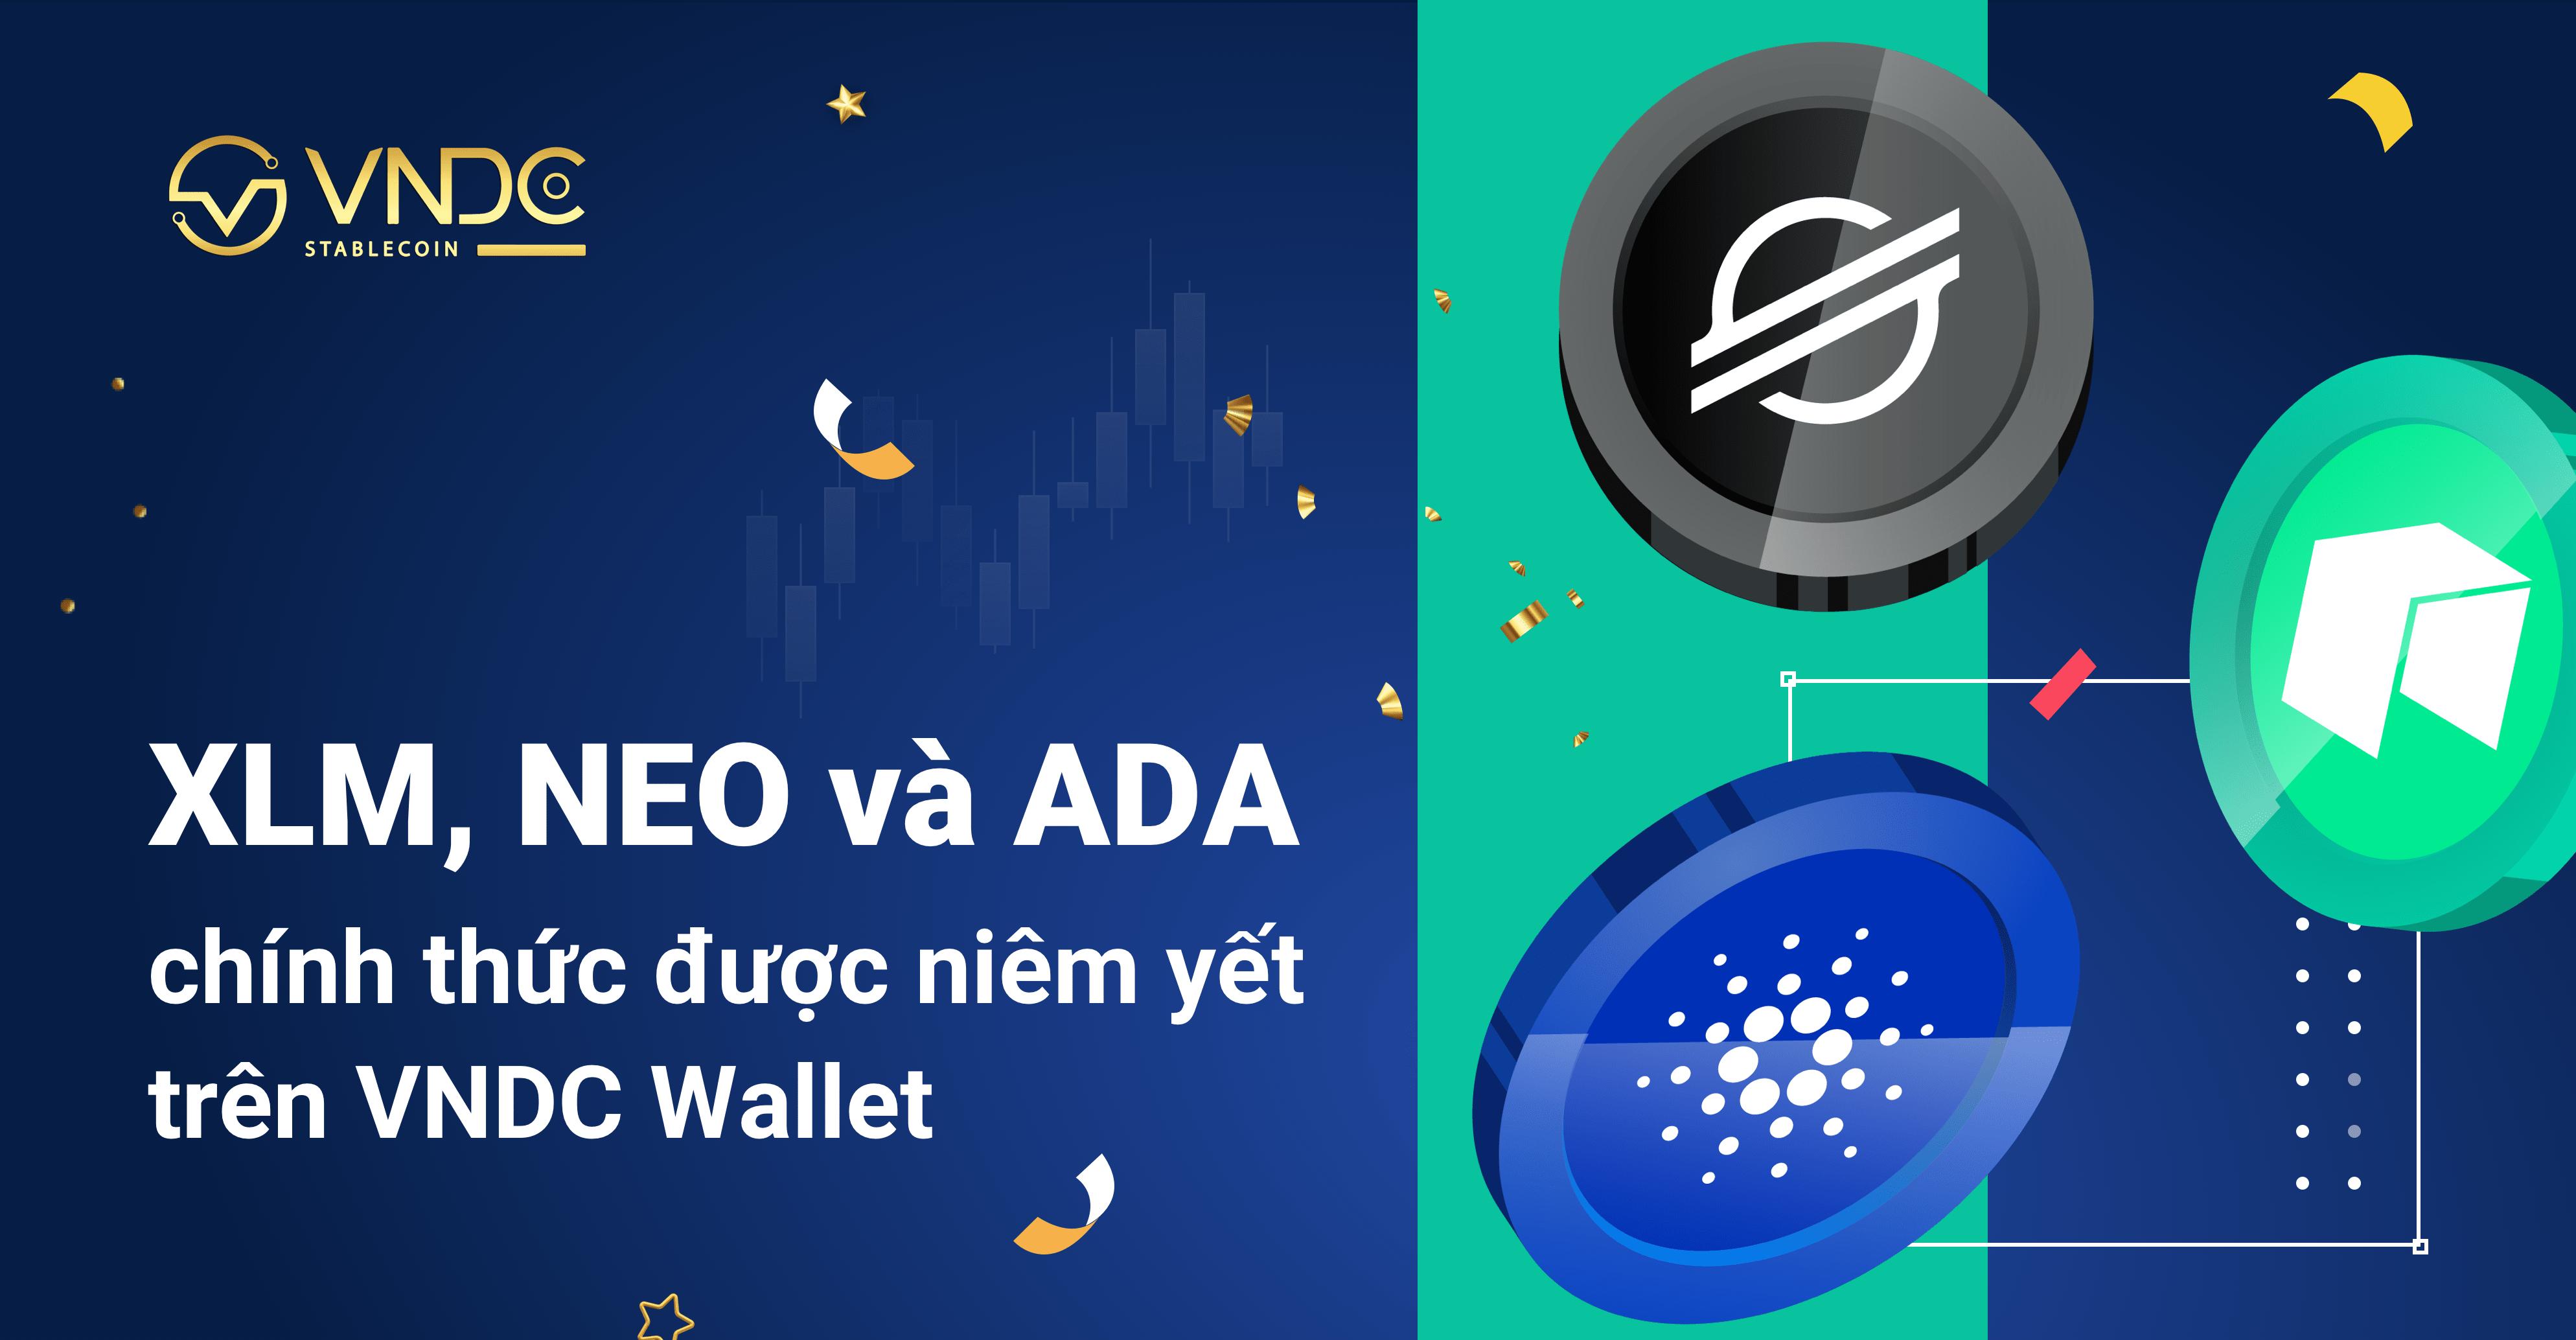 XLM, NEO và ADA chính thức được niêm yết trên VNDC Wallet